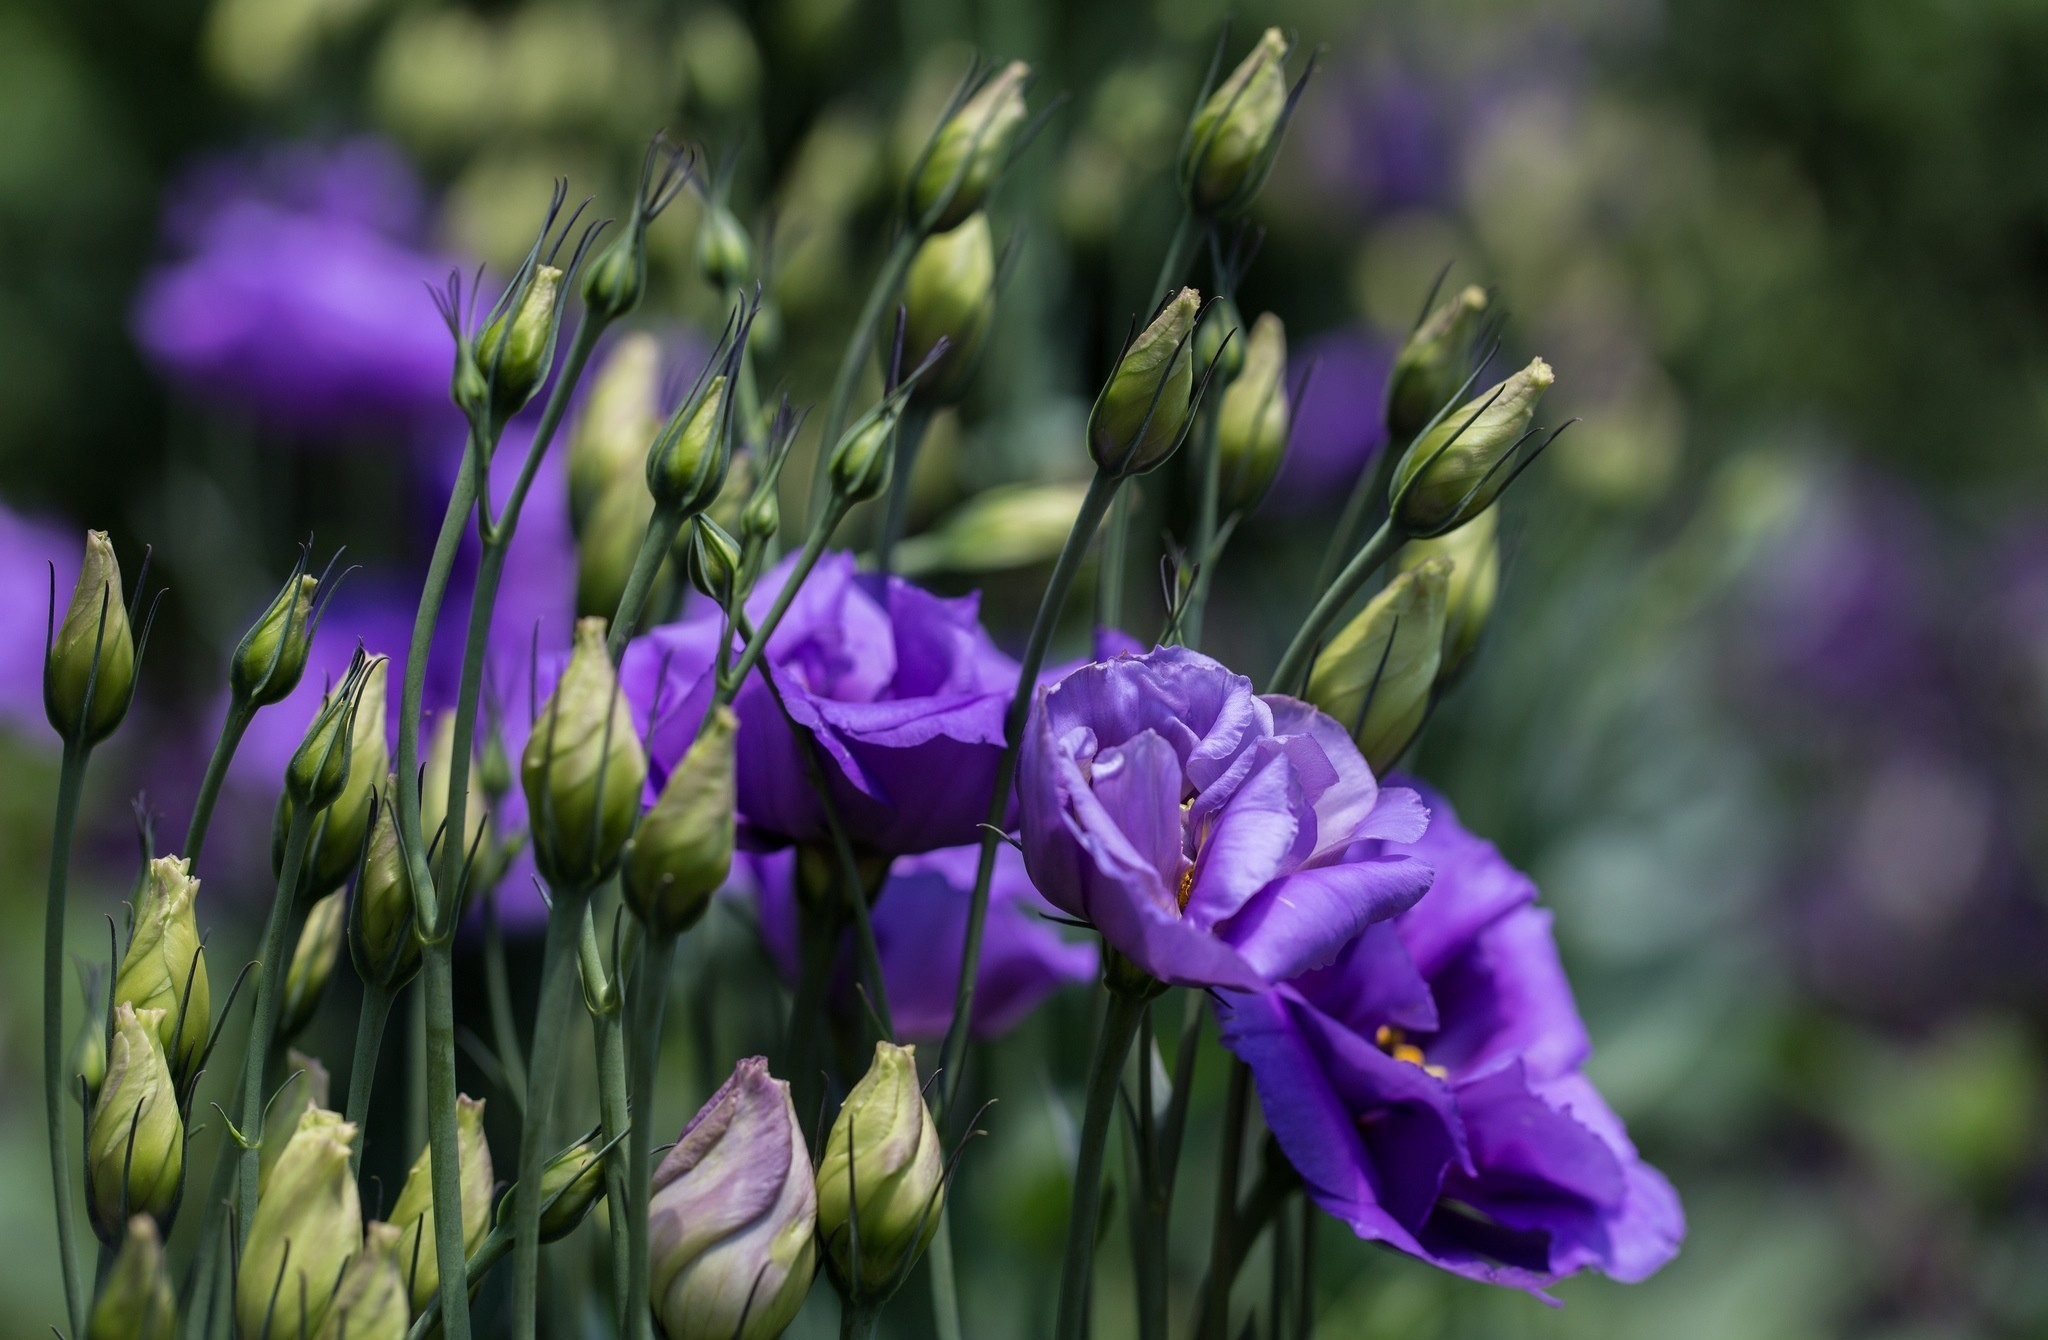 Картинка семечко росток побег бутон цветок что люди